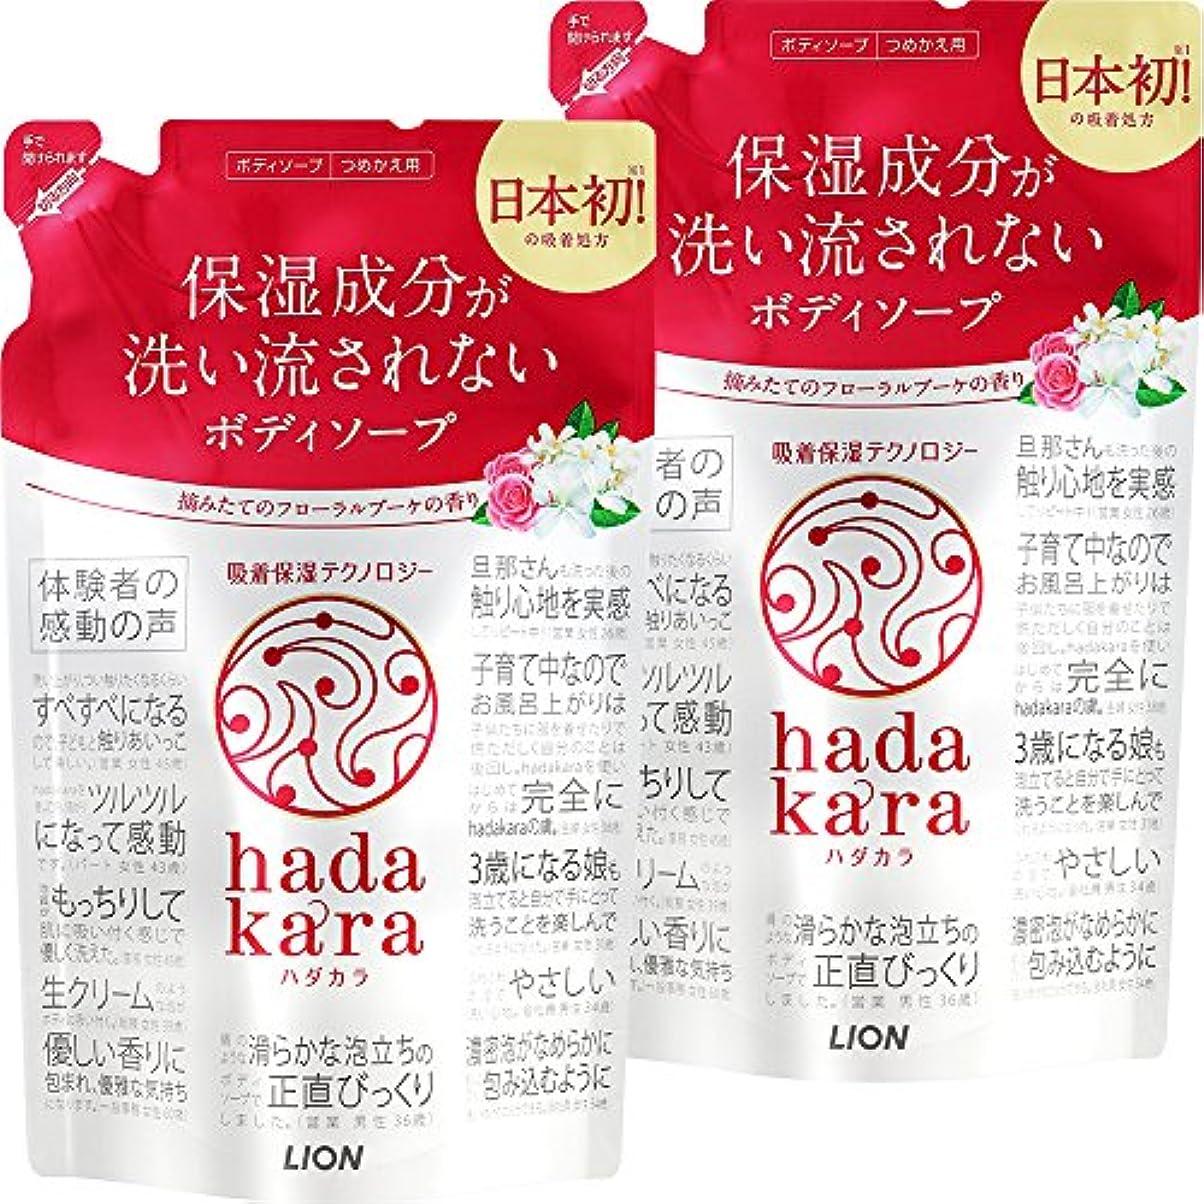 背景聴覚マザーランド【まとめ買い】hadakara(ハダカラ) ボディソープ フローラルブーケの香り 詰め替え 360ml×2個パック